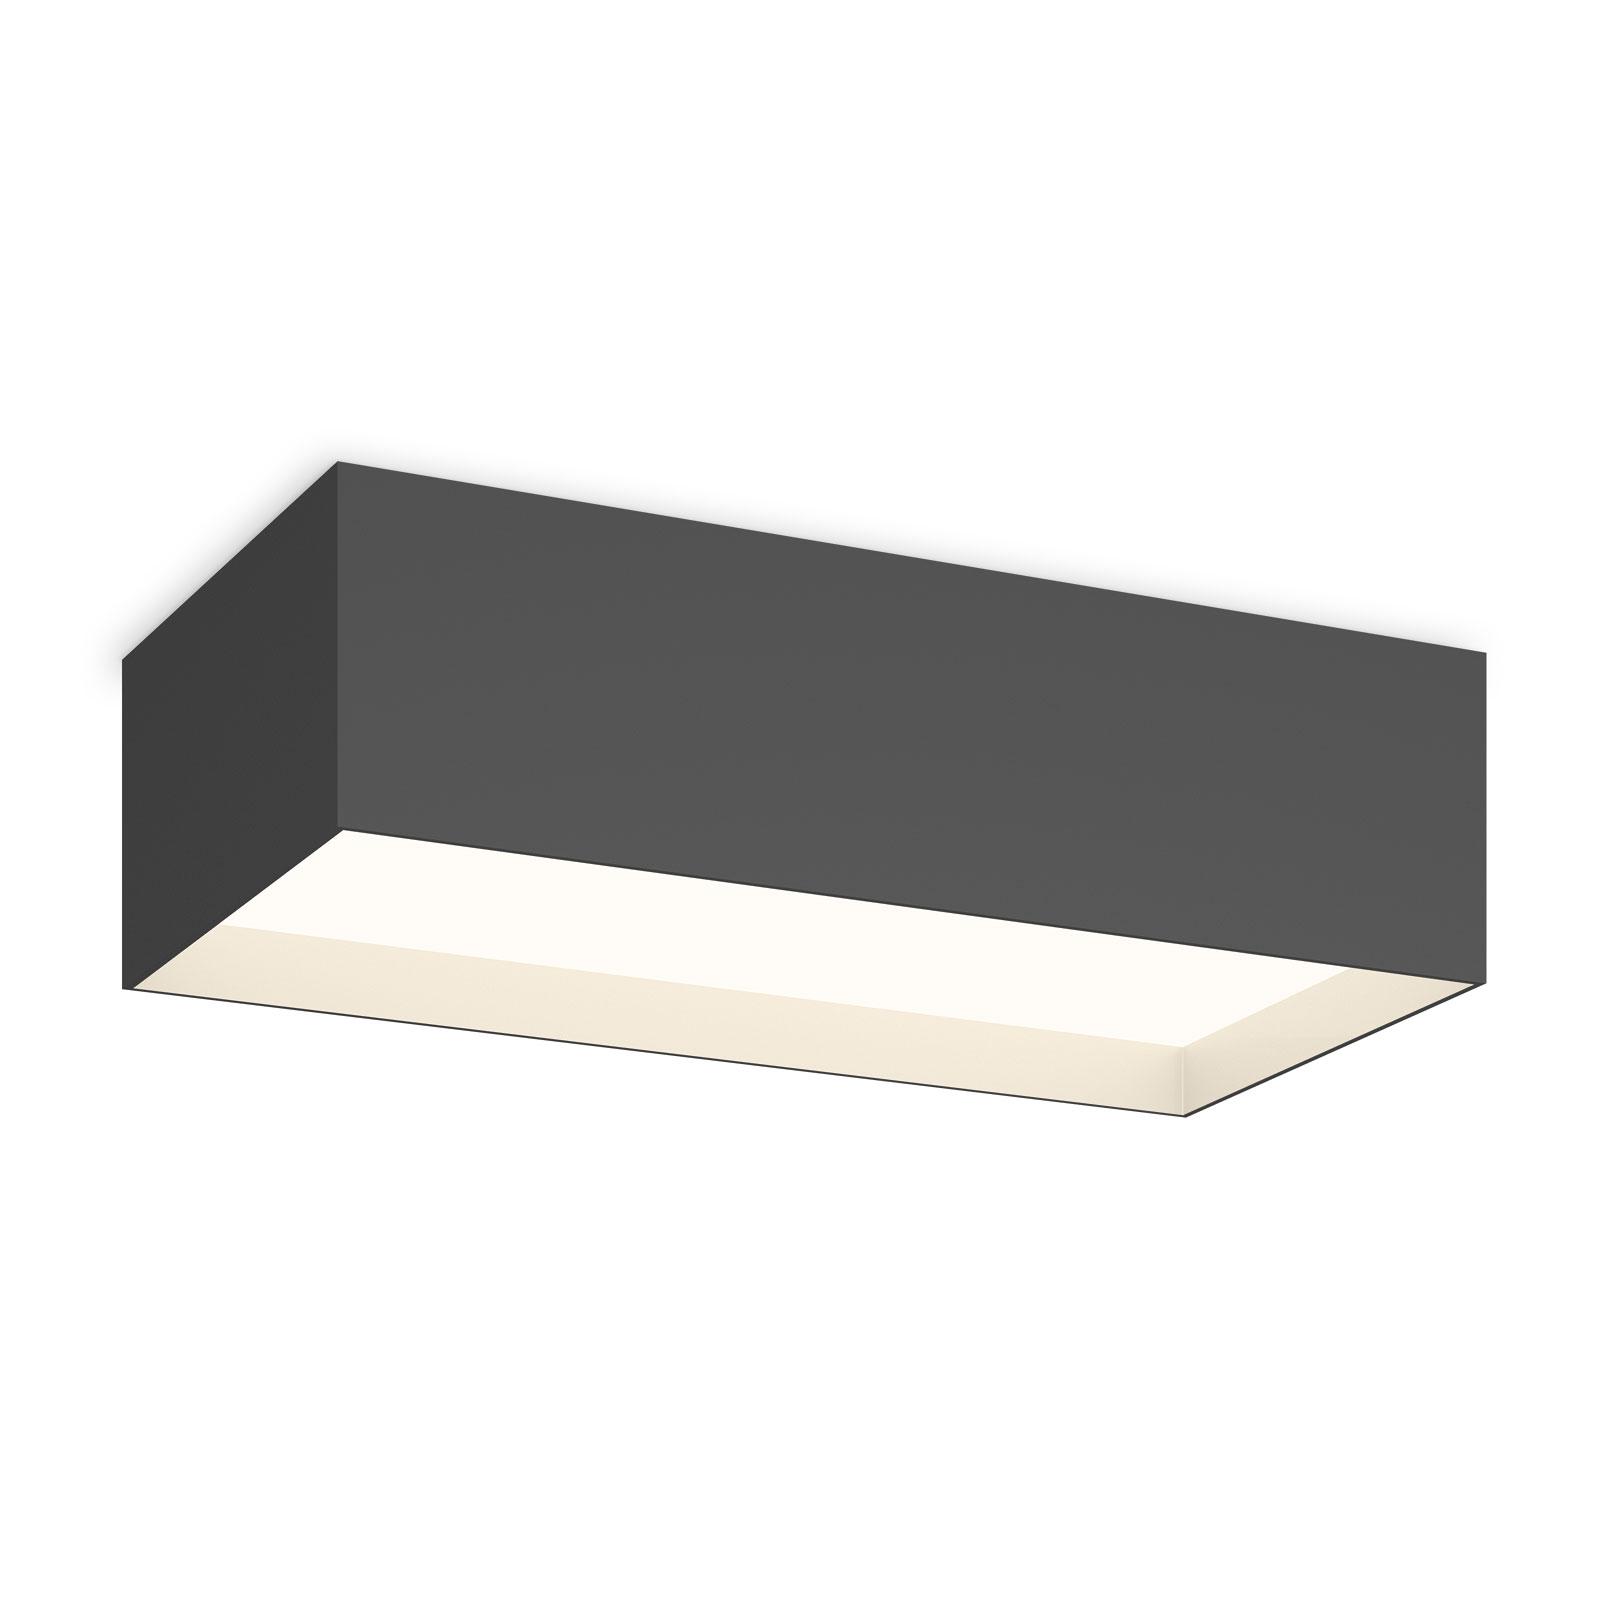 Vibia Structural 2634 taklampe 48 cm, mørkegrå